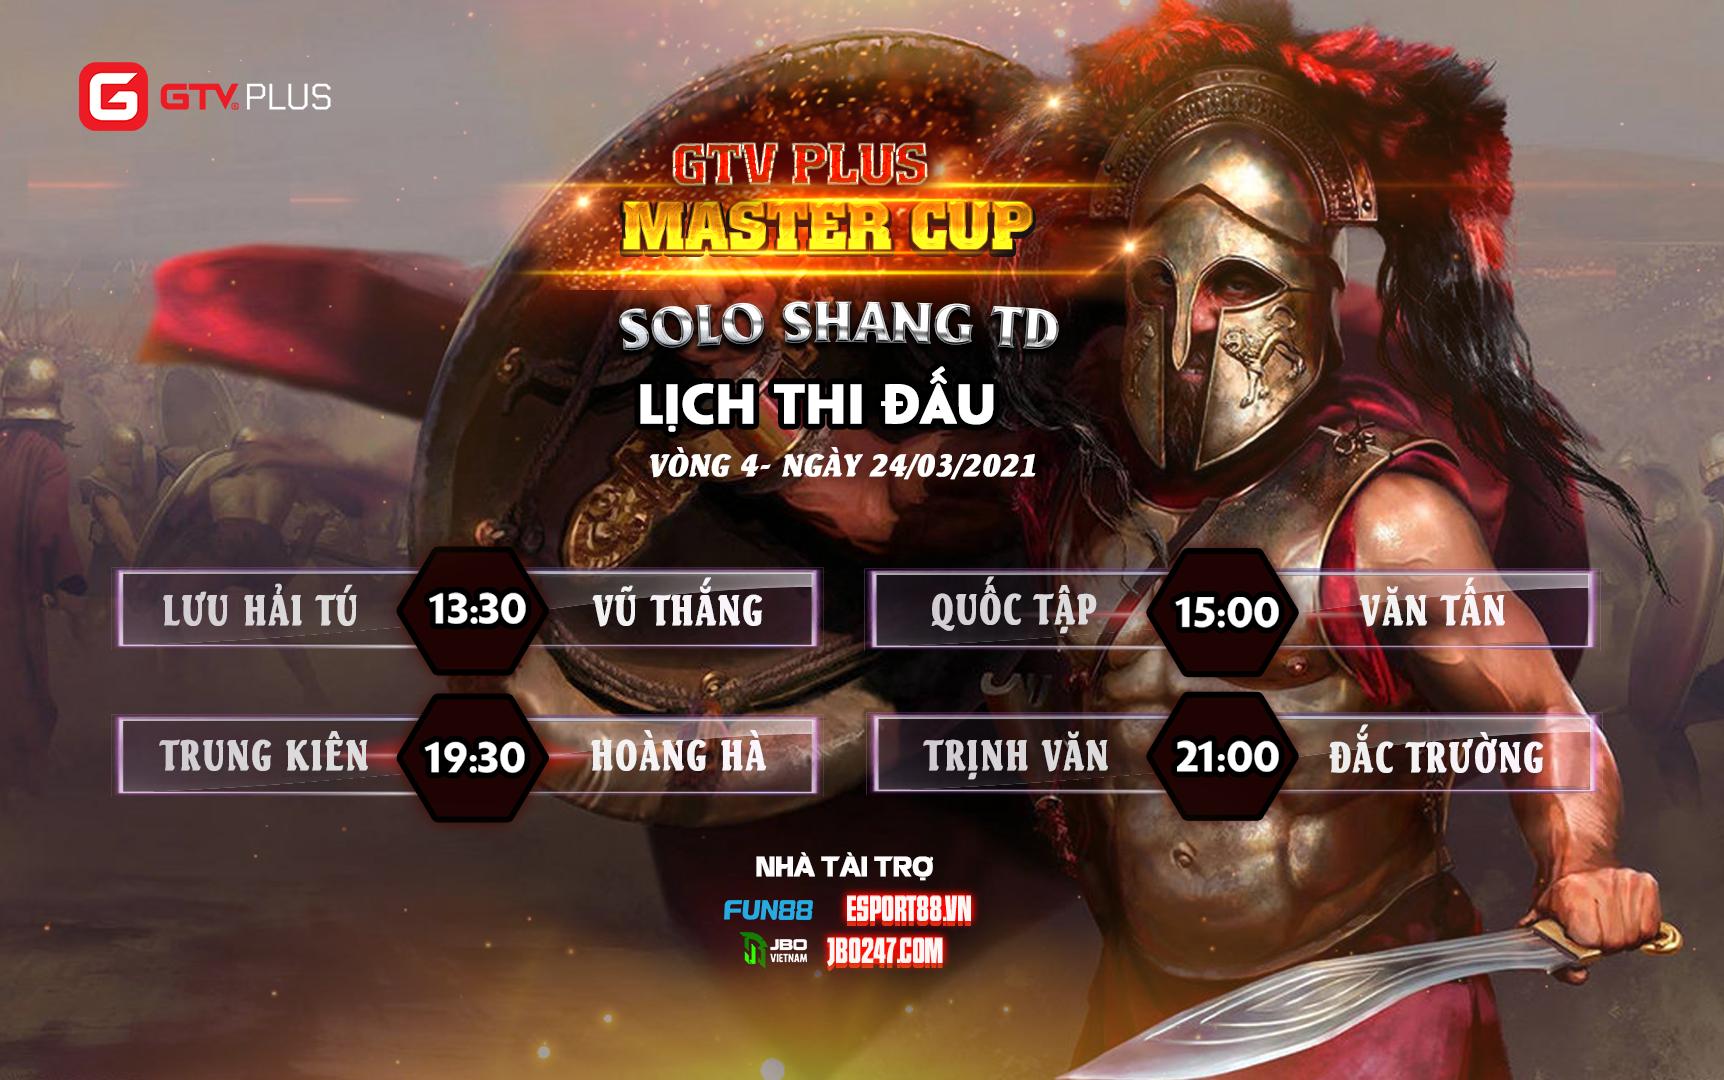 Lịch thi đấu ngày thi đấu ngày 24 tháng 3 Giải đấu GTV Plus Master Cup 2021